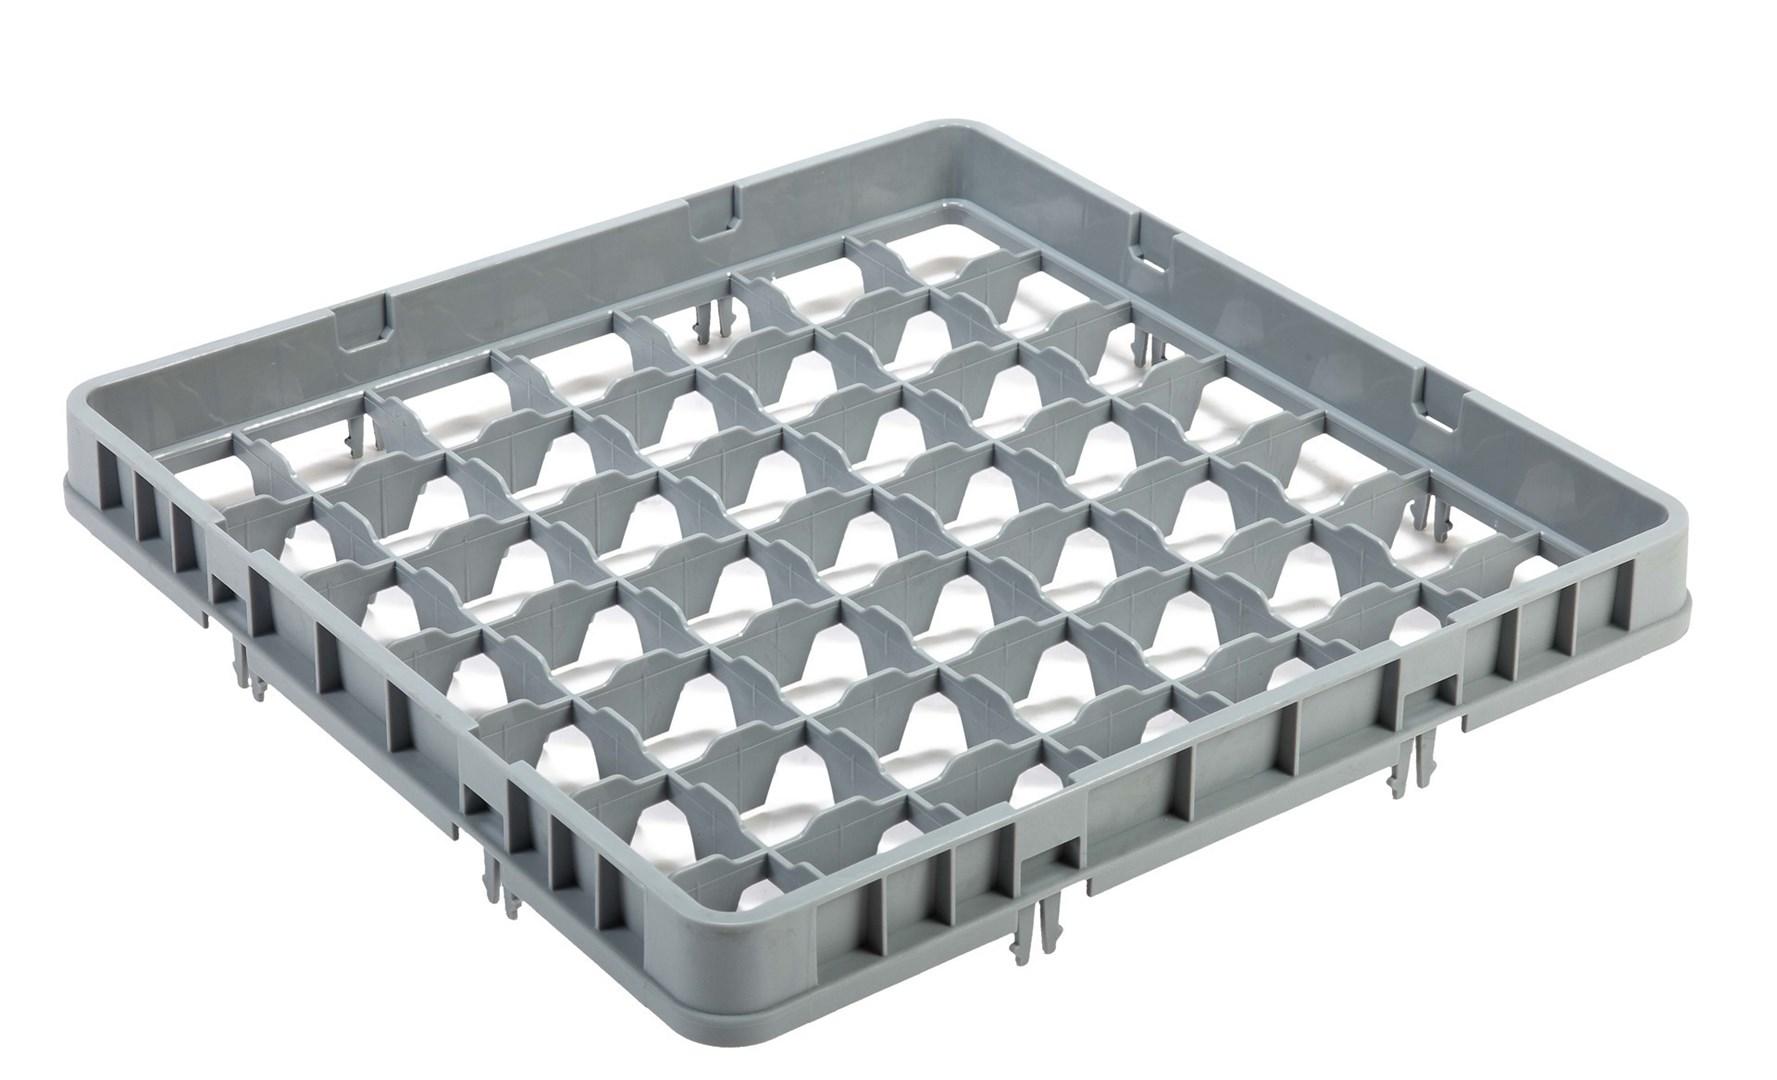 Productafbeelding Vaatwaskorf verhoger 49 compartimenten max Ø6 cm